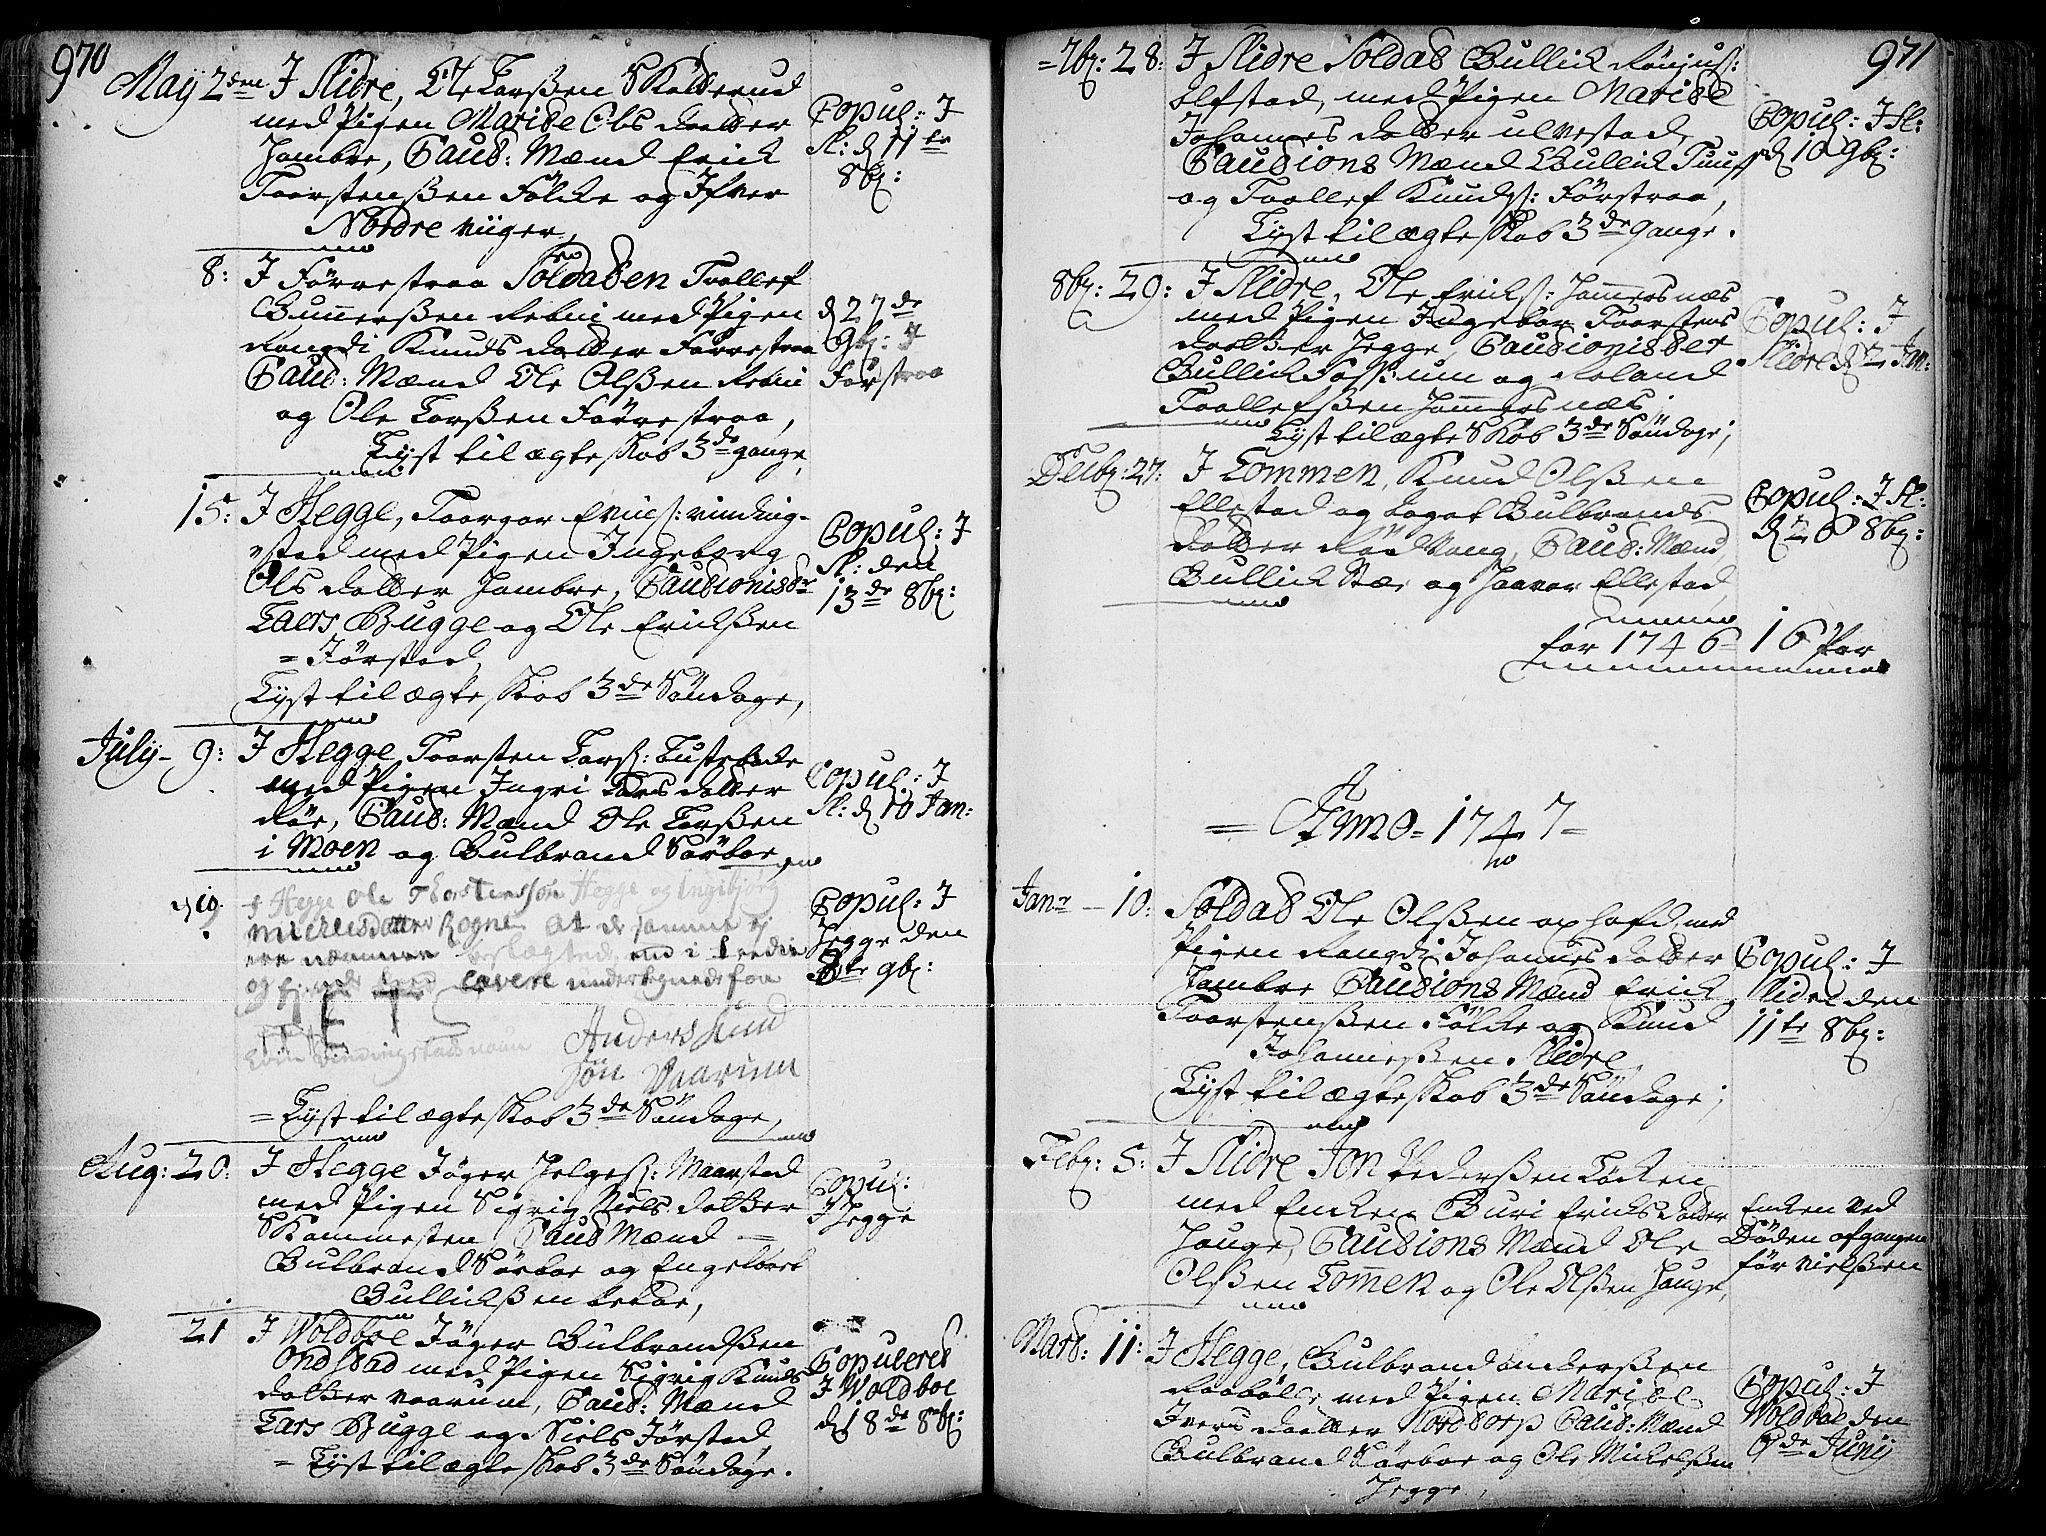 SAH, Slidre prestekontor, Ministerialbok nr. 1, 1724-1814, s. 970-971